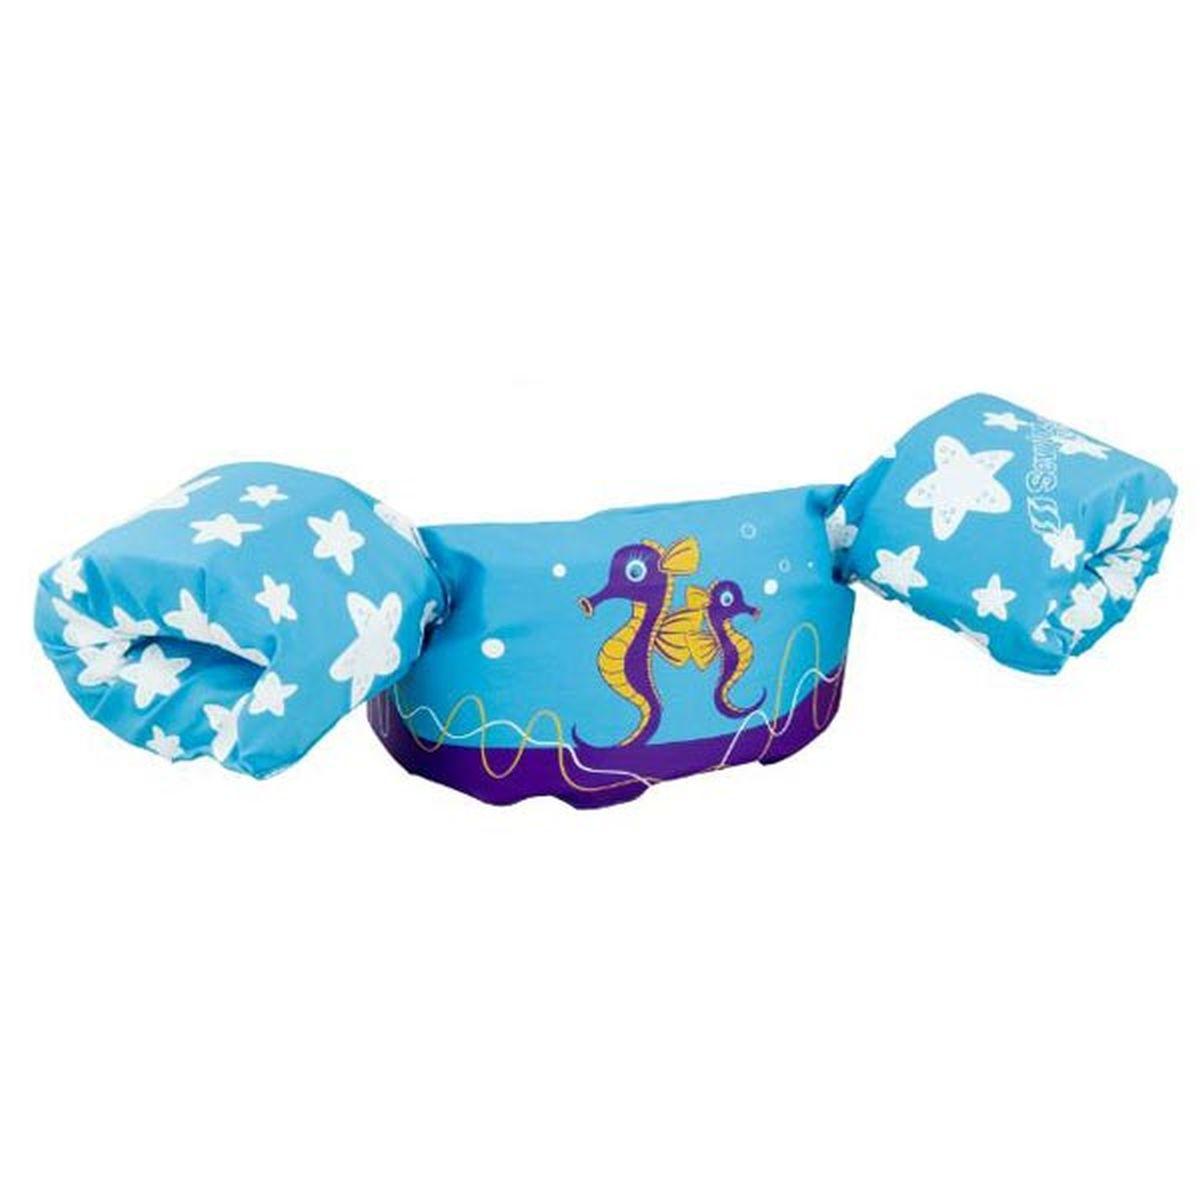 sevylor bou e enfant puddle jumper deluxe bleu hippocampe. Black Bedroom Furniture Sets. Home Design Ideas